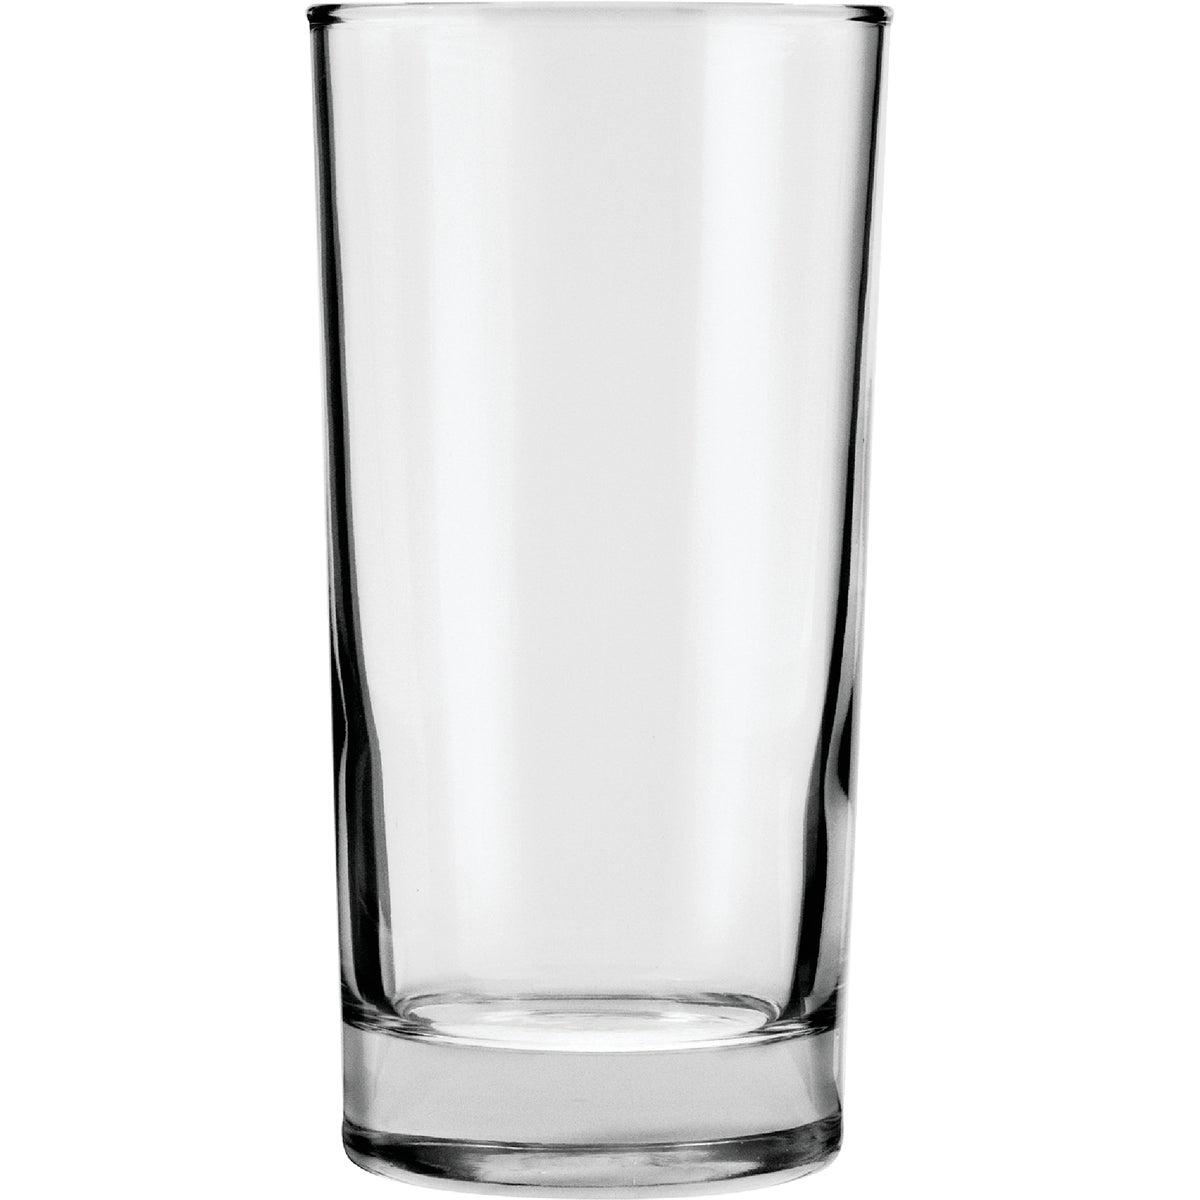 Anchor Hocking 12.5OZ BEVERAGE GLASS 3172EZ